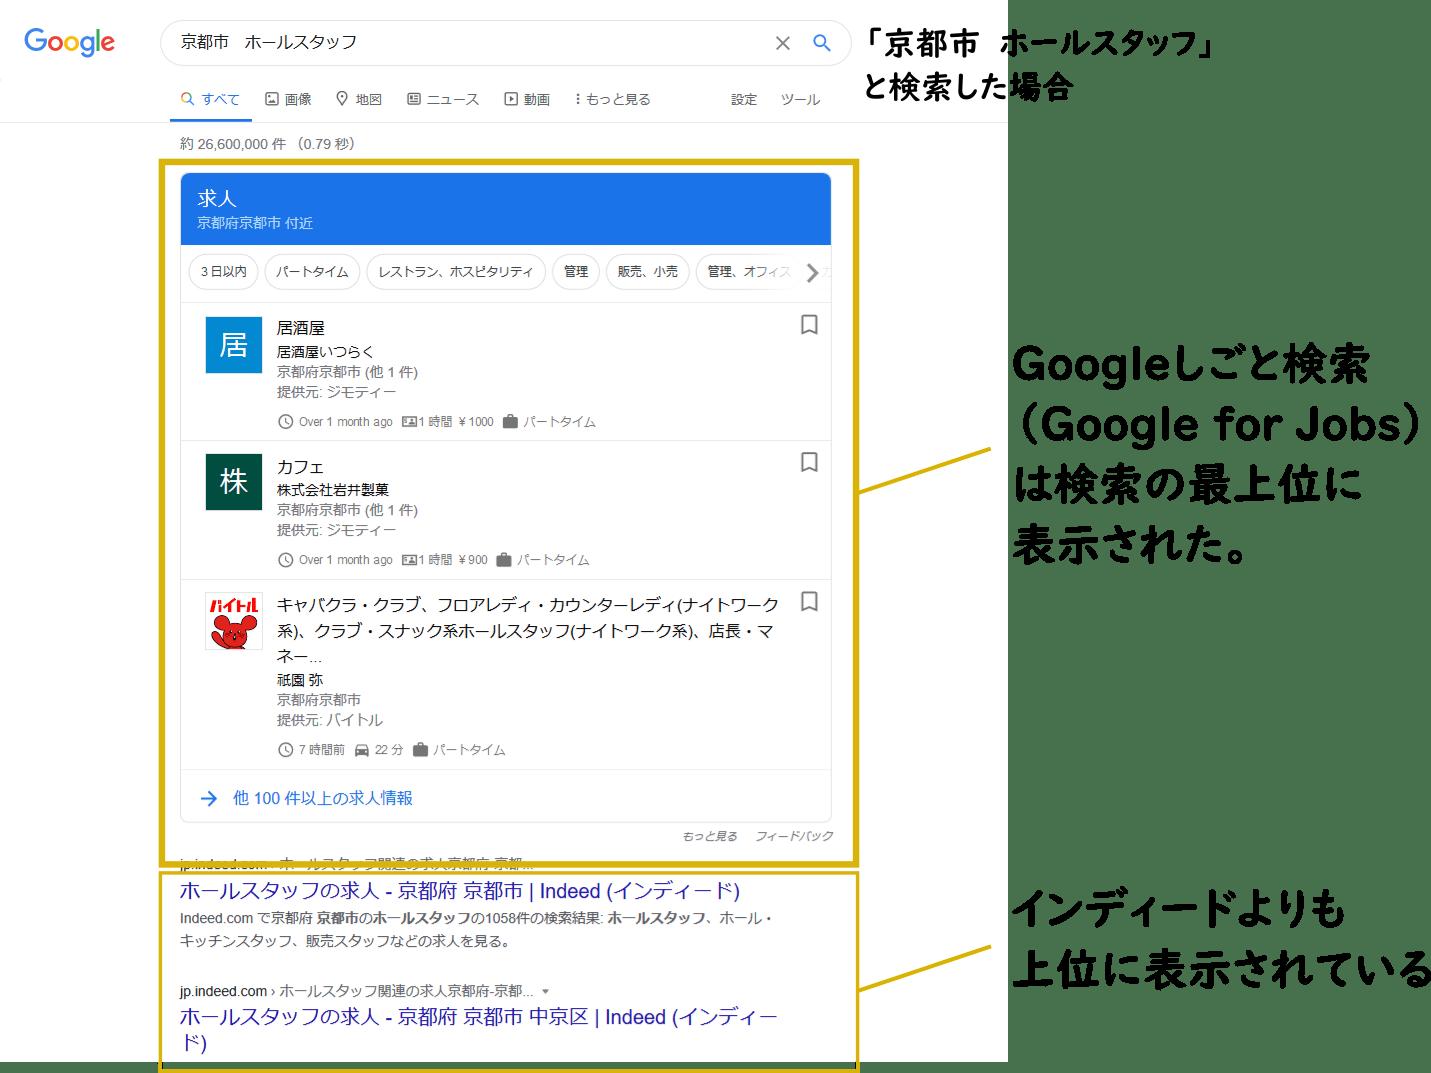 「京都市 ホールスタッフ」と検索した場合の表示位置の画像